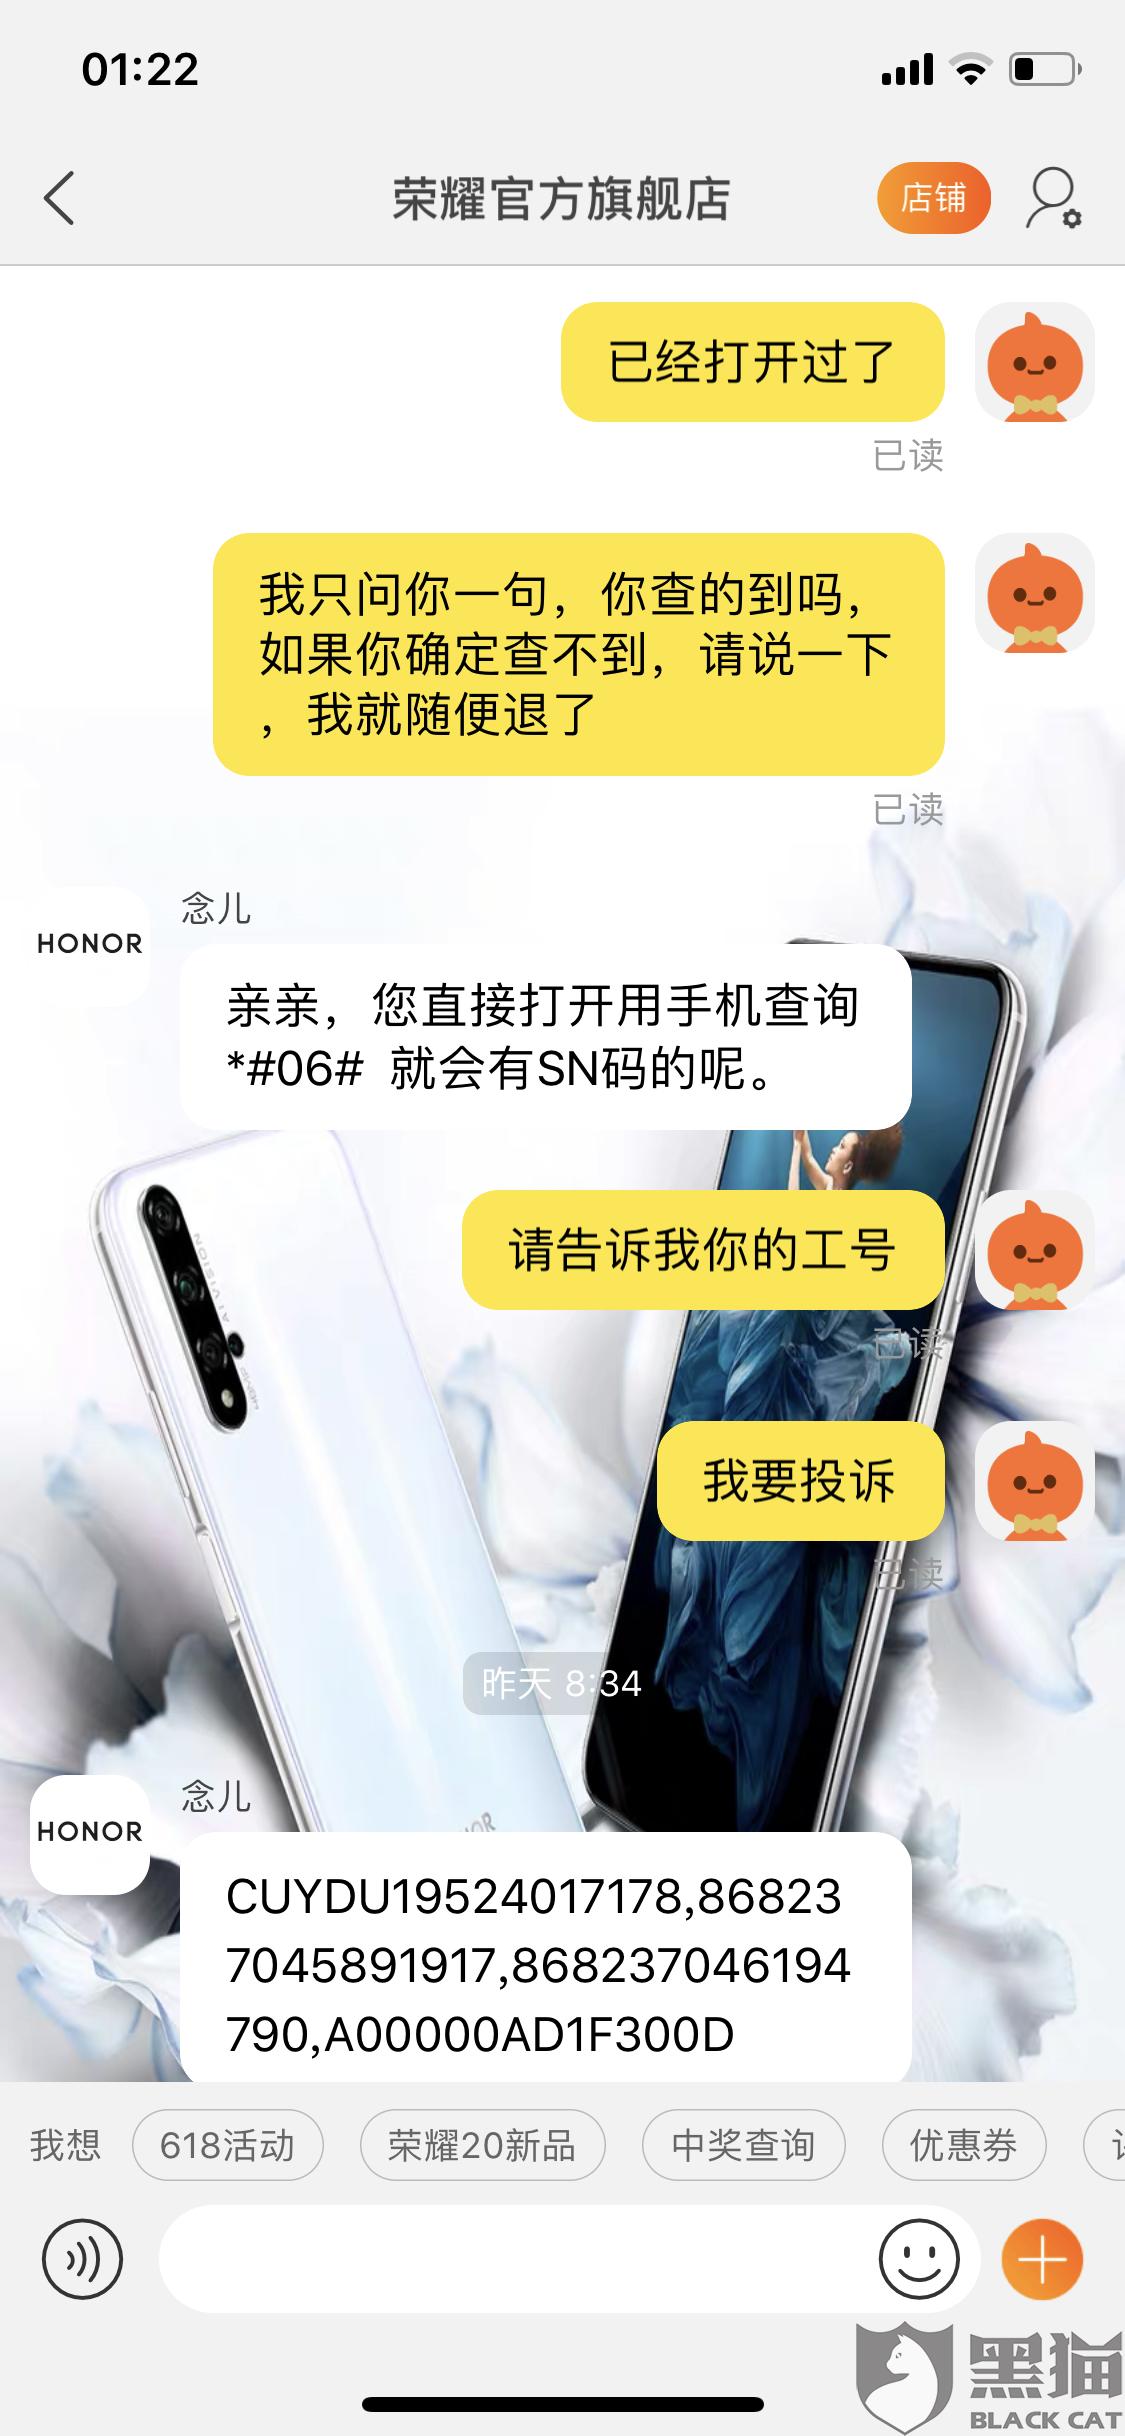 黑猫投诉:投诉天猫荣耀官方旗舰店客服